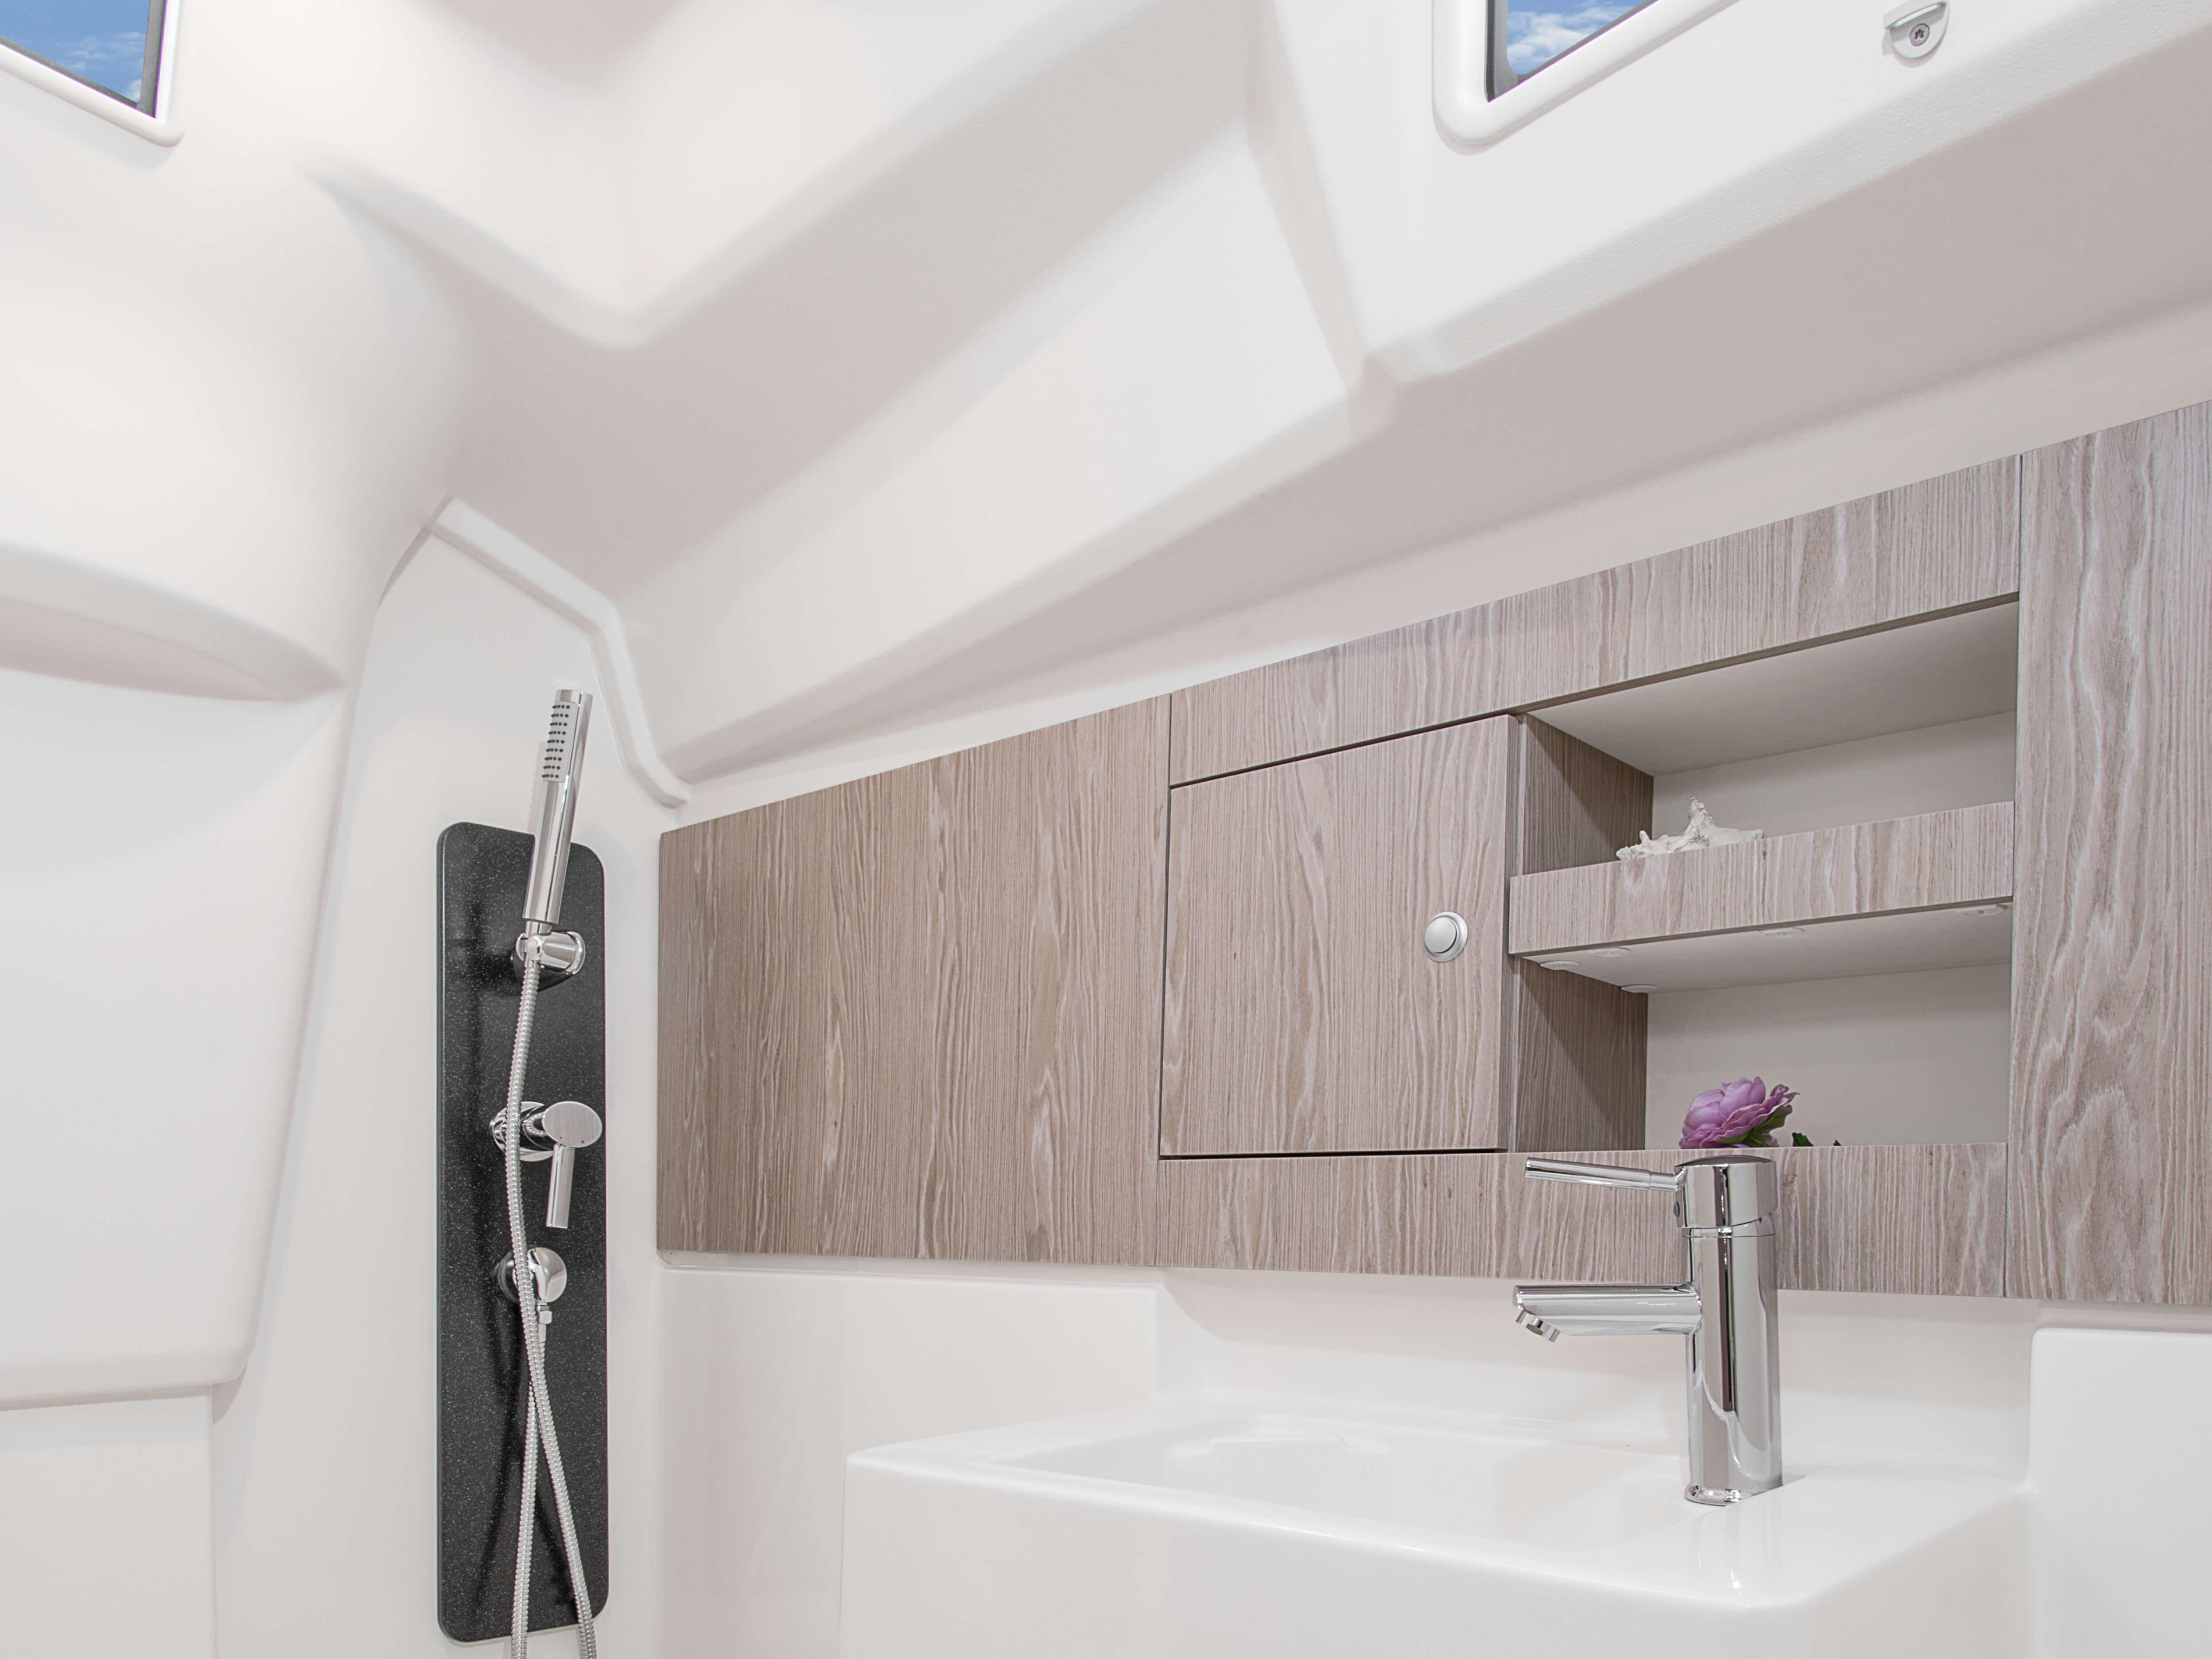 Hanse 315 Interior view wet cell | Çeşitli yerleşim seçenekleri ve kaliteli kumaşlar, zarif ahşaplar, moda renkler, seçkin zemin malzemeleri ve şık mobilyaların dahil olduğu geniş kombinasyon seçenekleri sayesinde HANSE'nizi kendinize özel, benzersiz bir yata dönüştürebilirsiniz. | Hanse